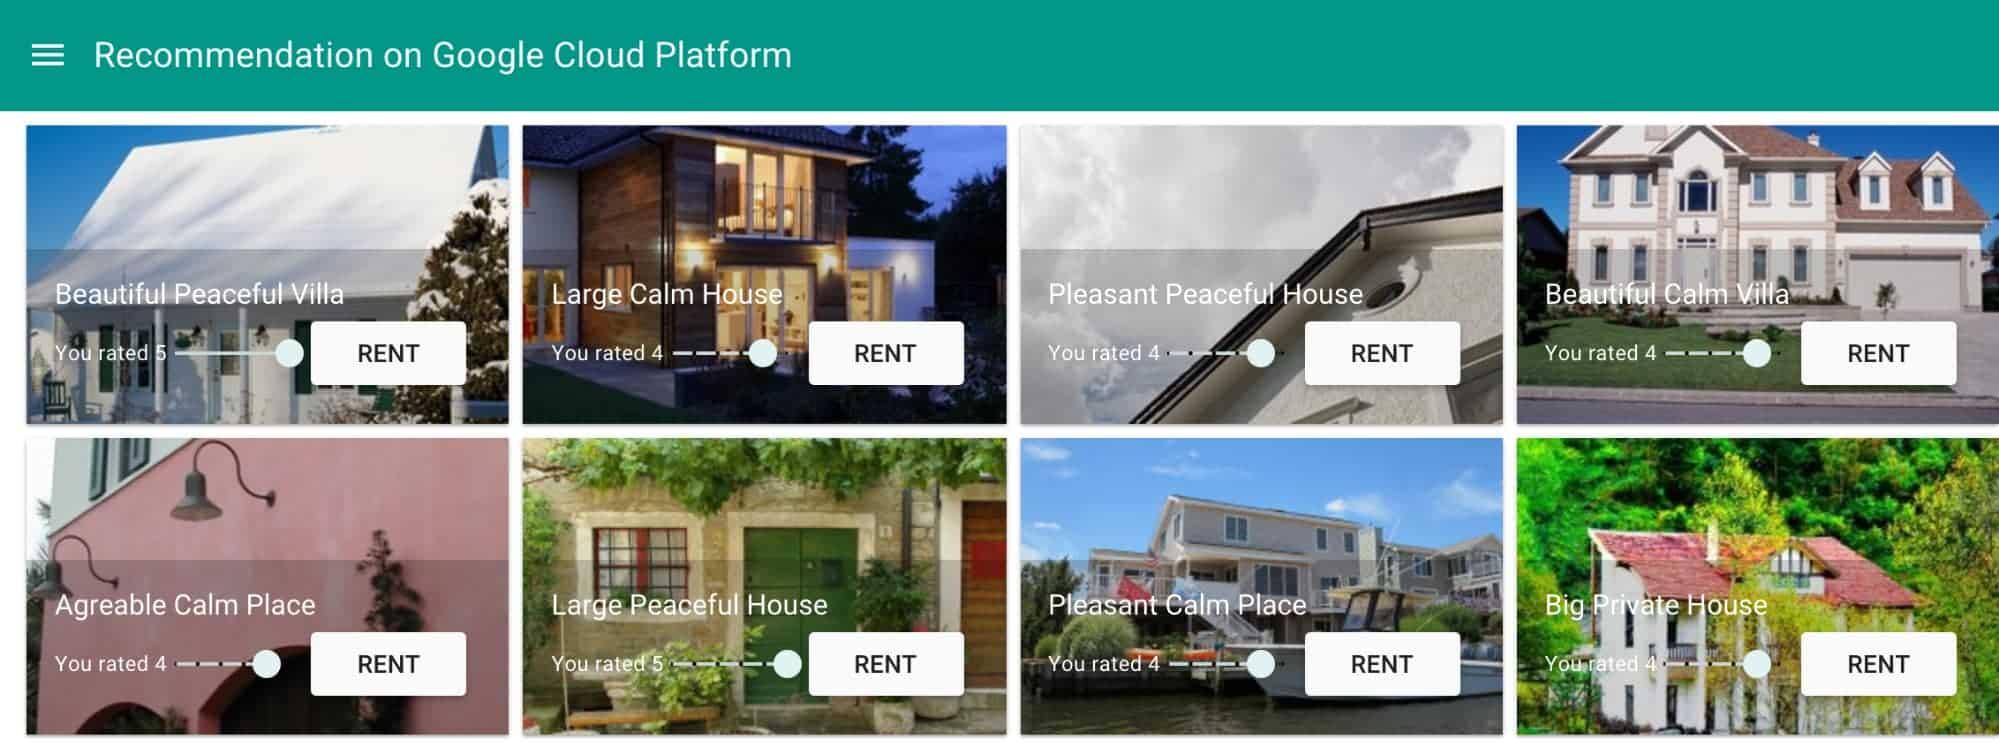 La interfaz de usuario permite alquilar propiedades de vacaciones